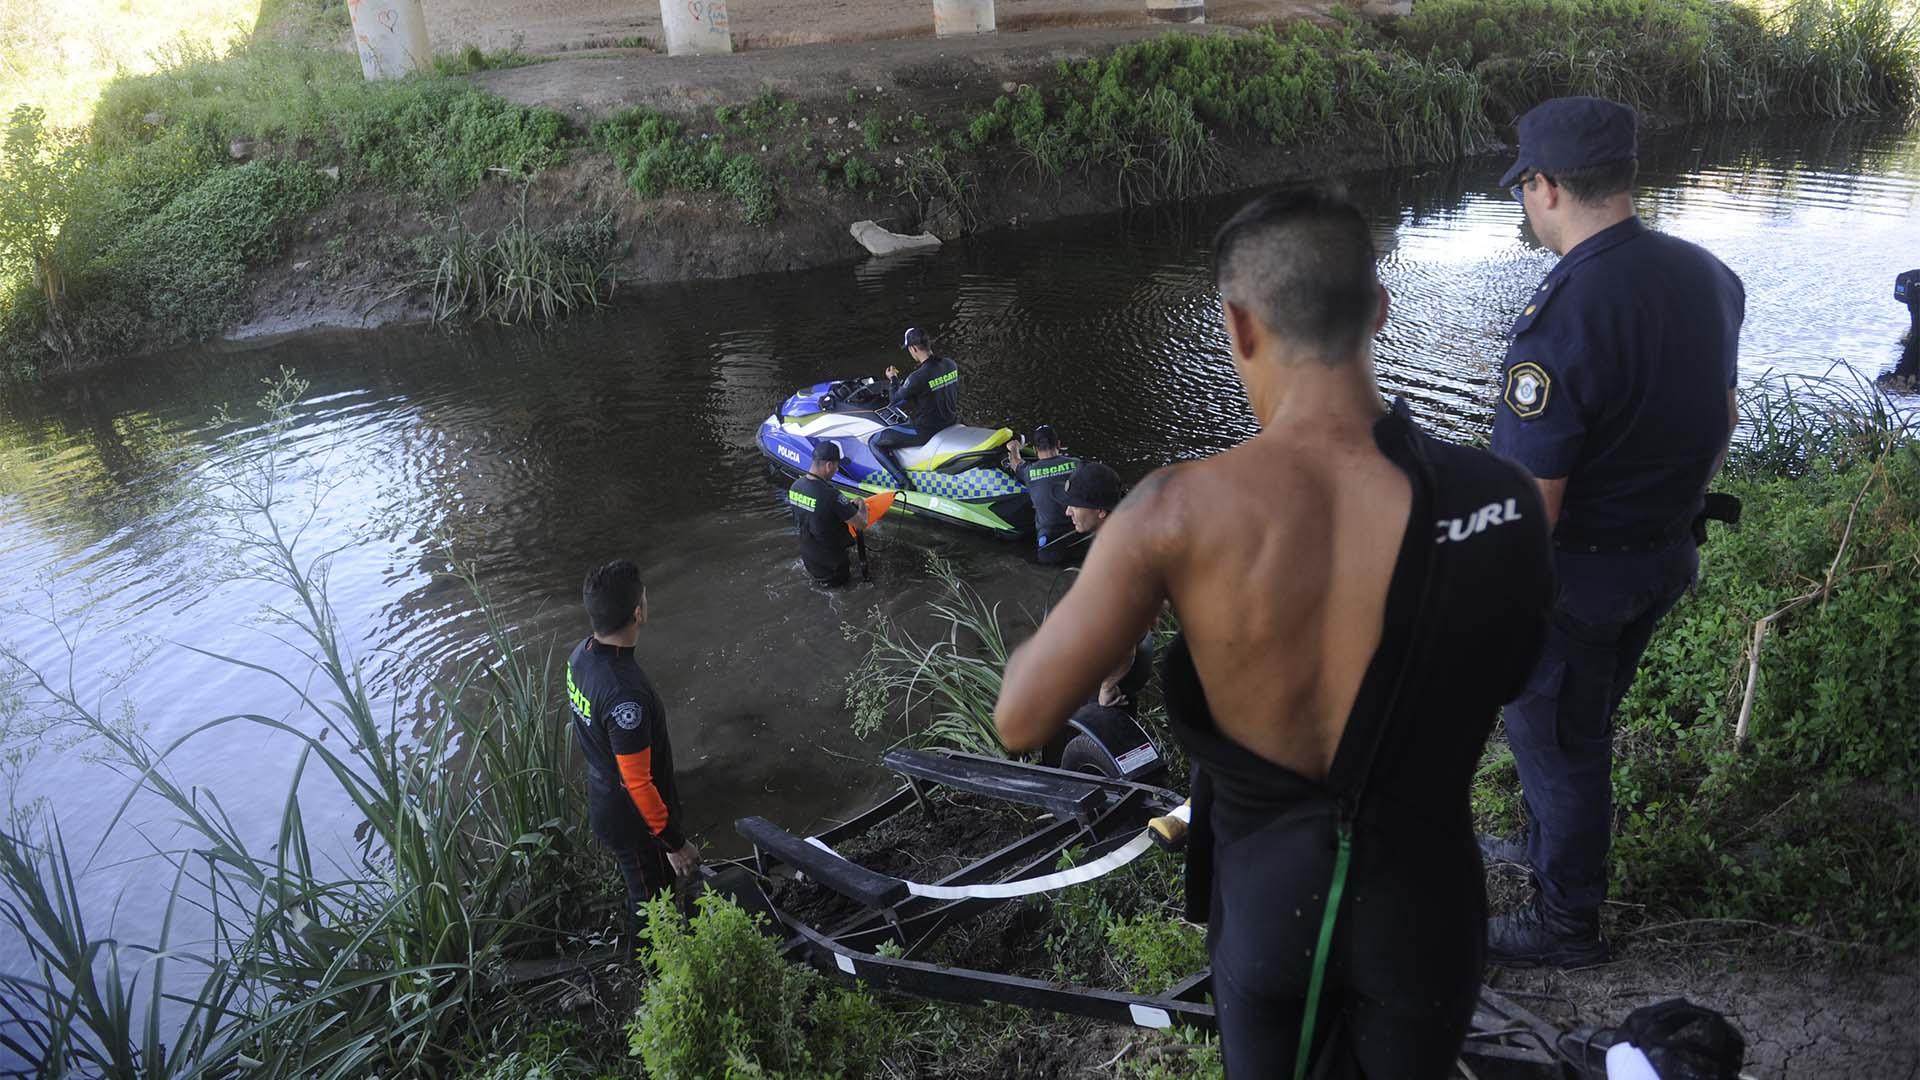 La búsqueda en el arroyo dio resultado negativo (Dino Calvo)